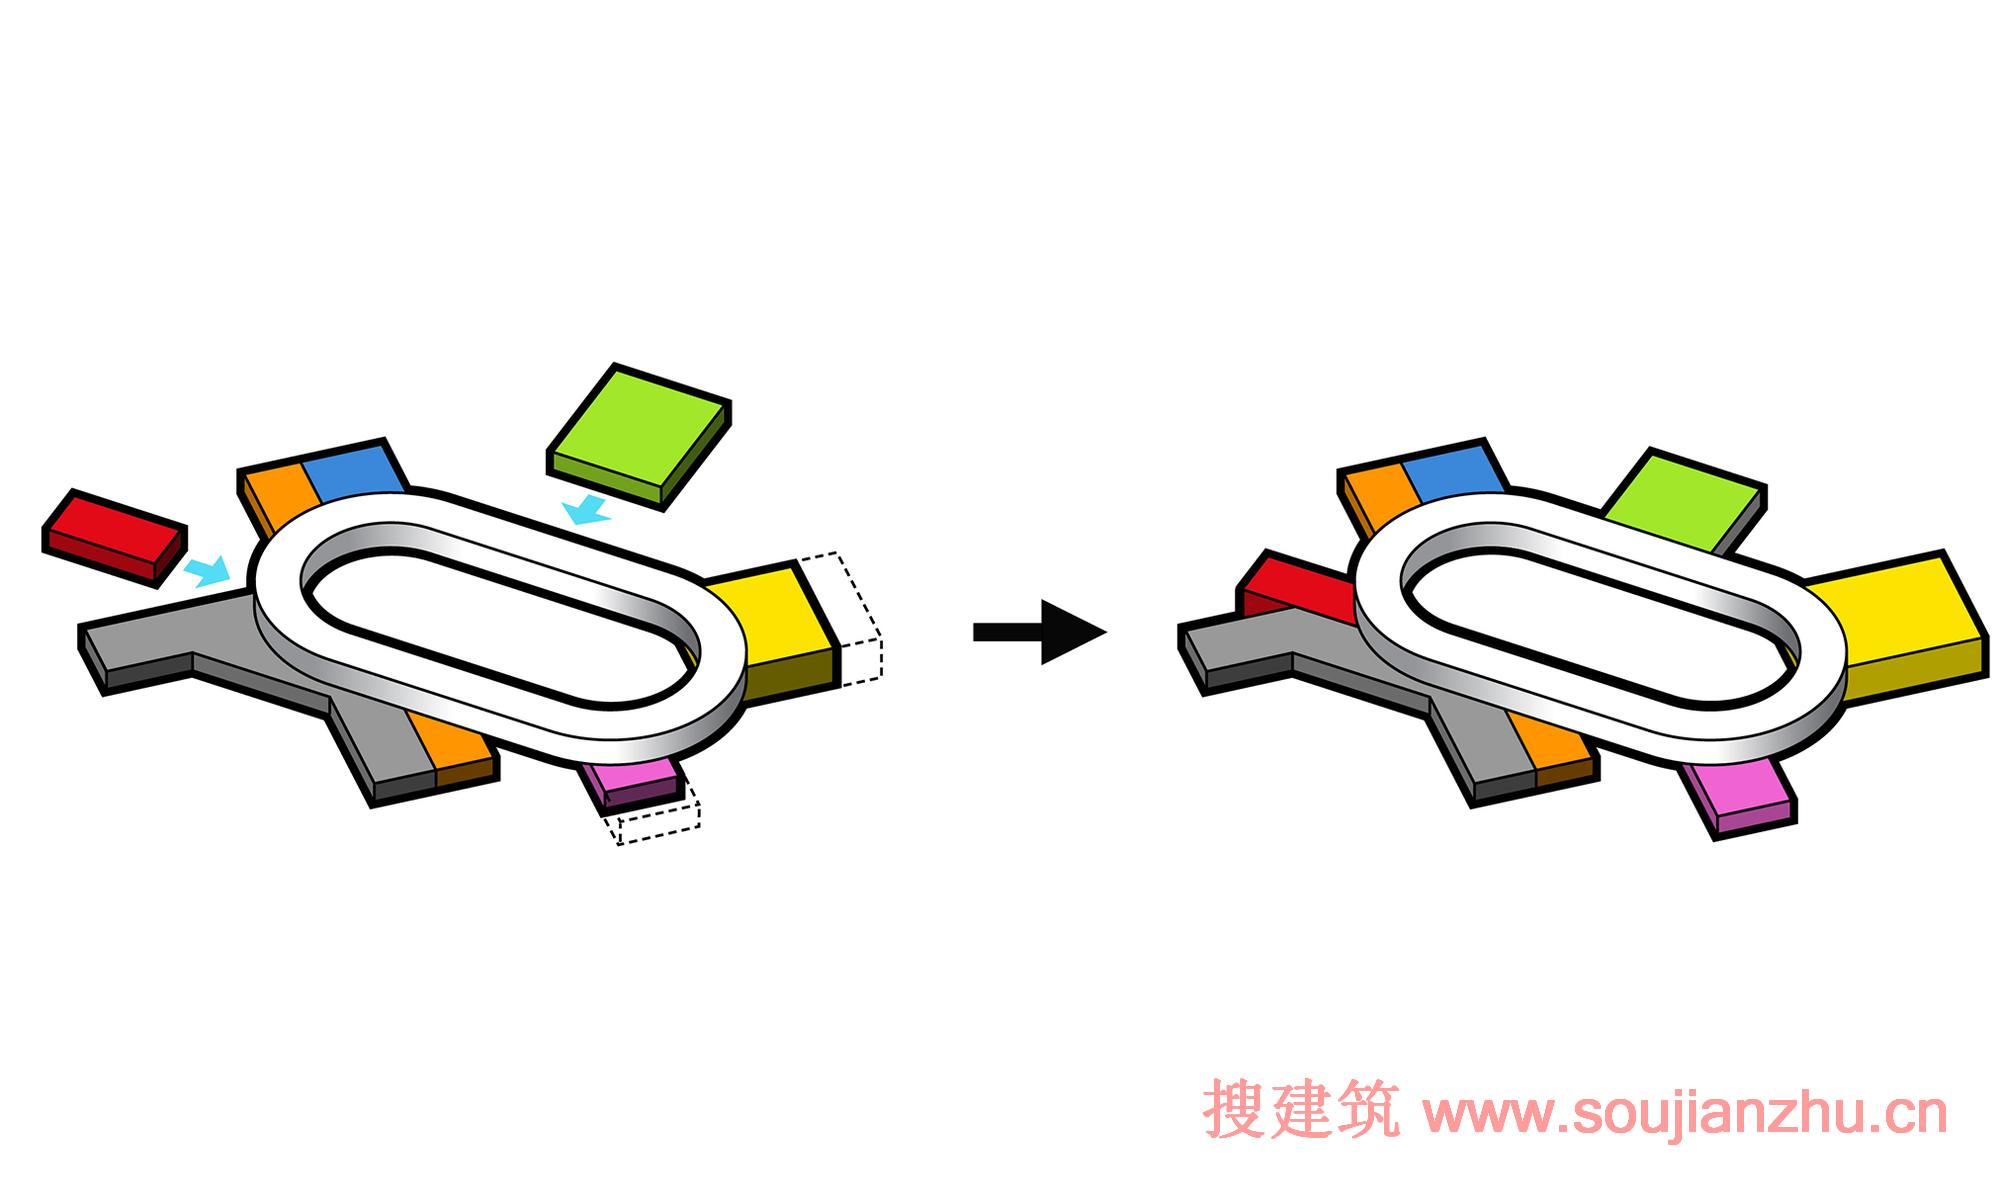 动漫 卡通 漫画 设计 矢量 矢量图 素材 头像 2000_1186